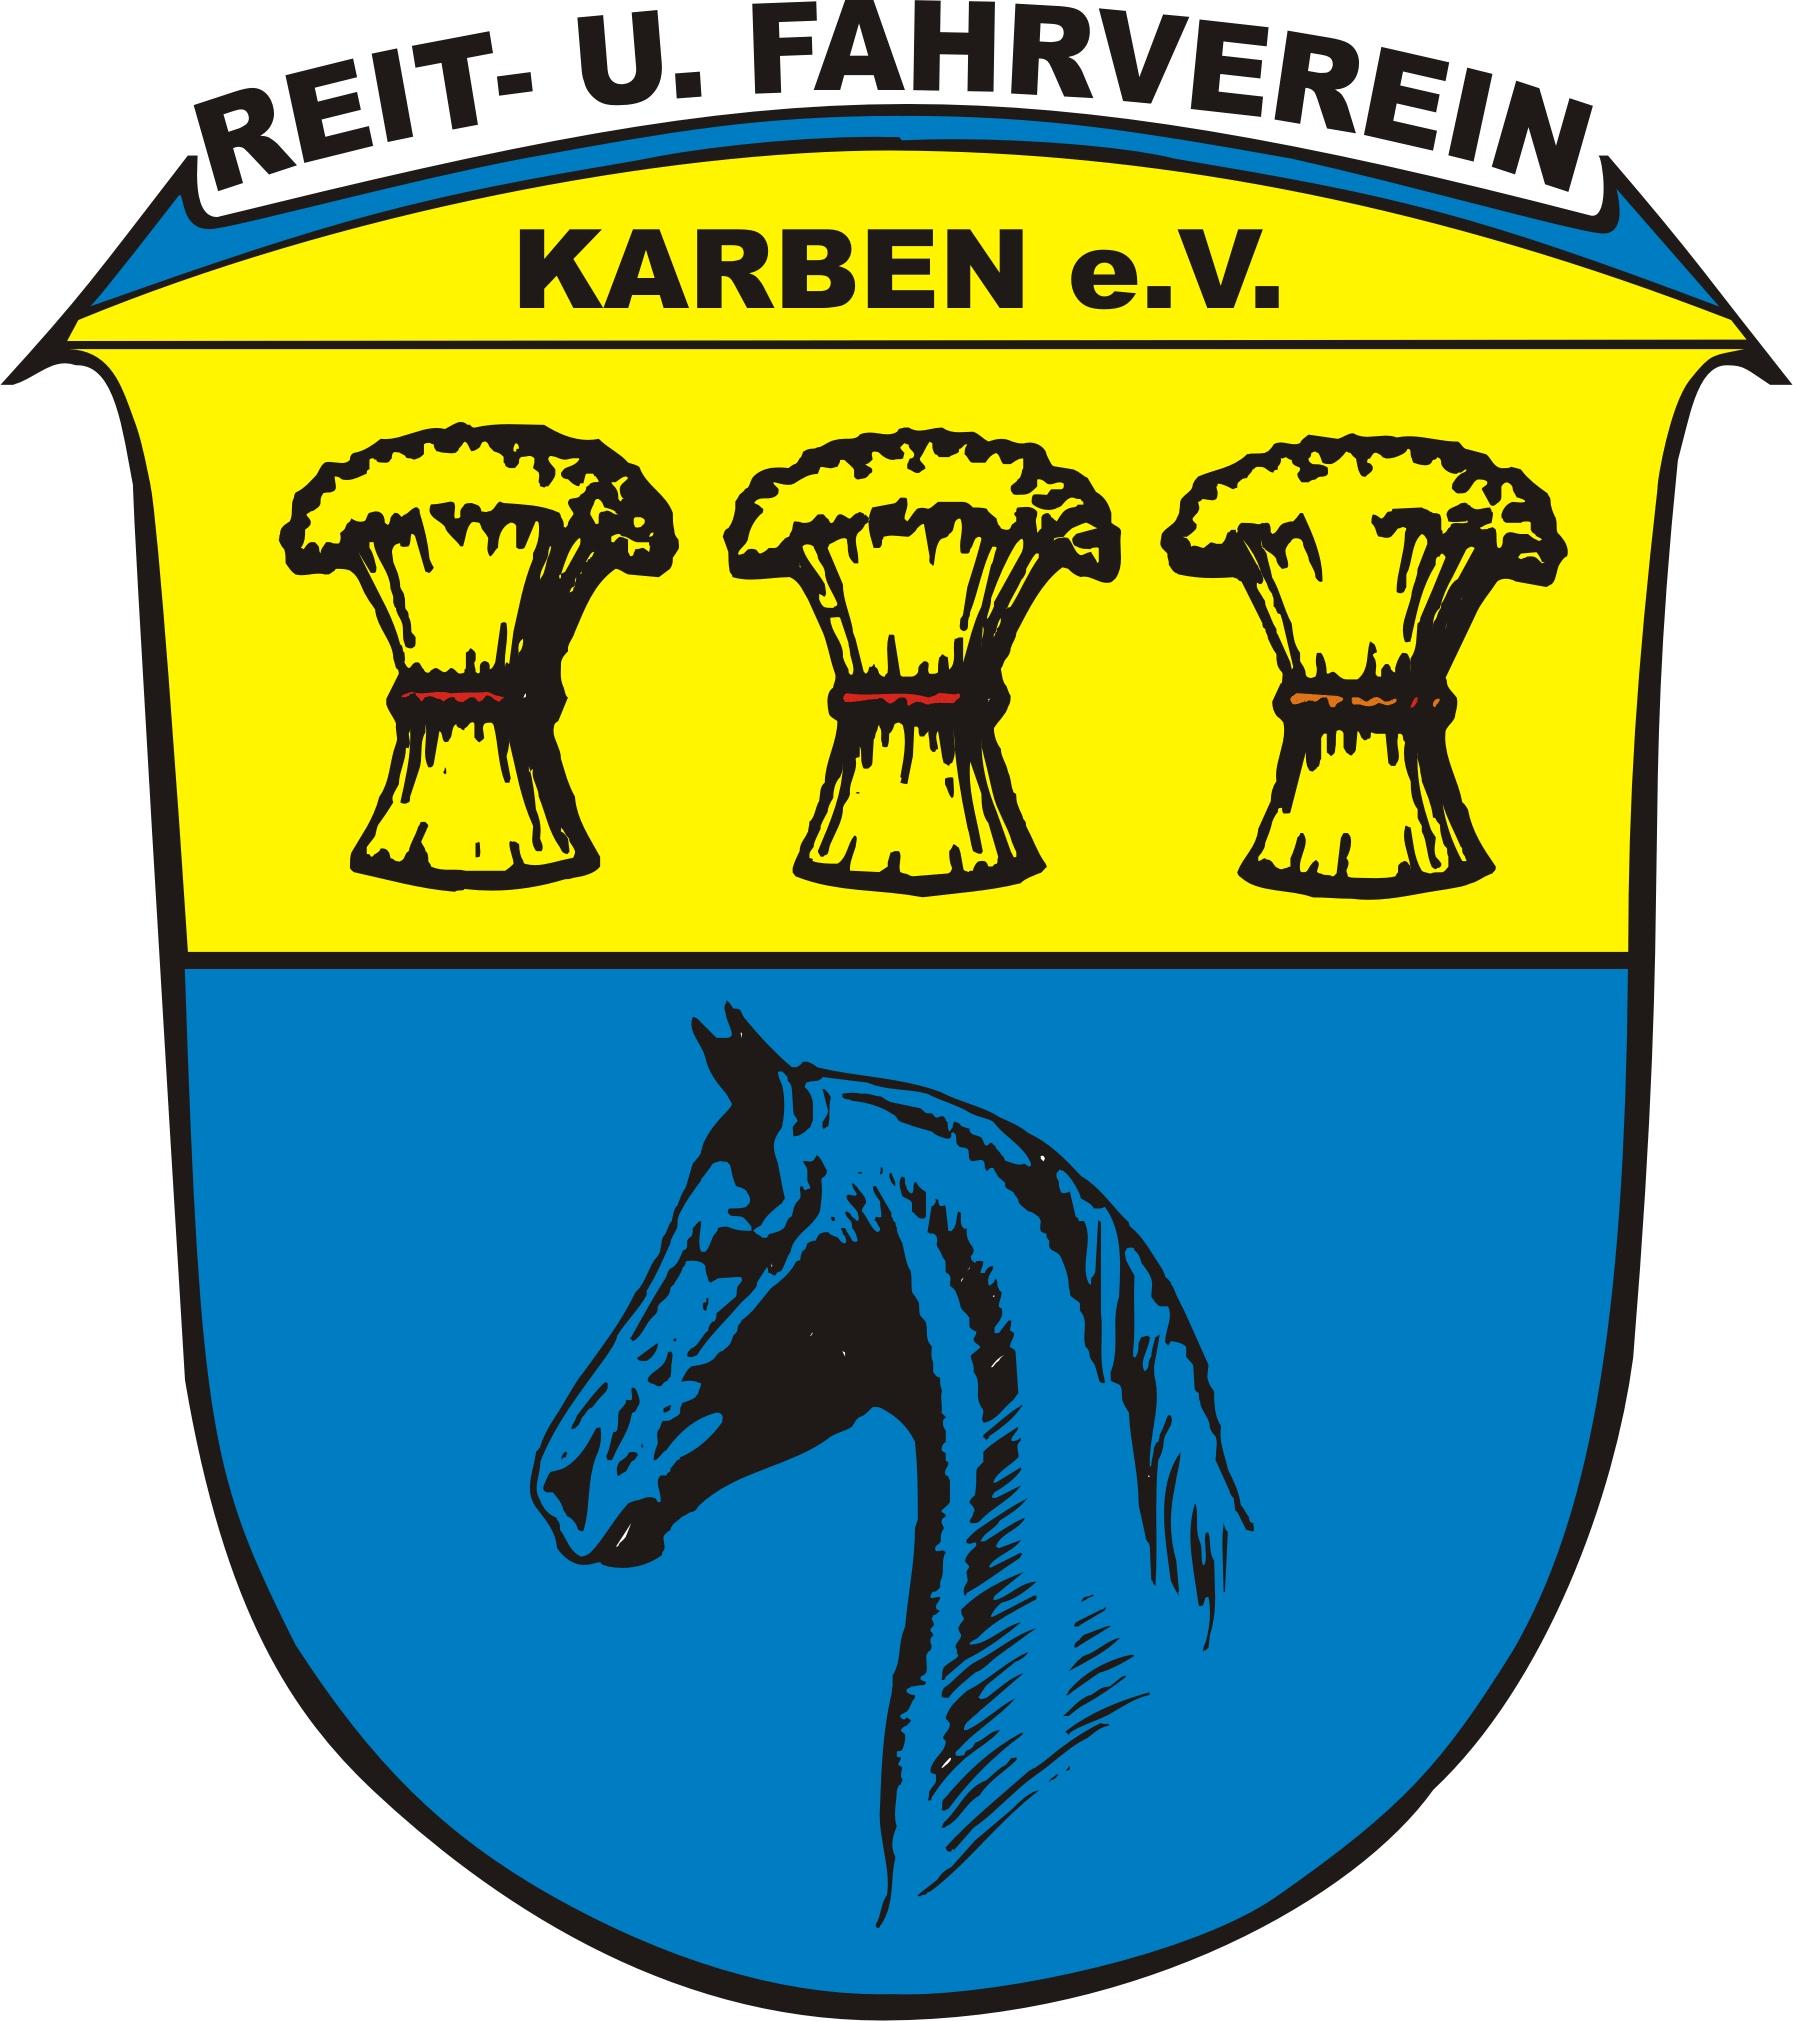 Reiten in Karben - Nördlich von Frankfurt am M und Bad Vilbel